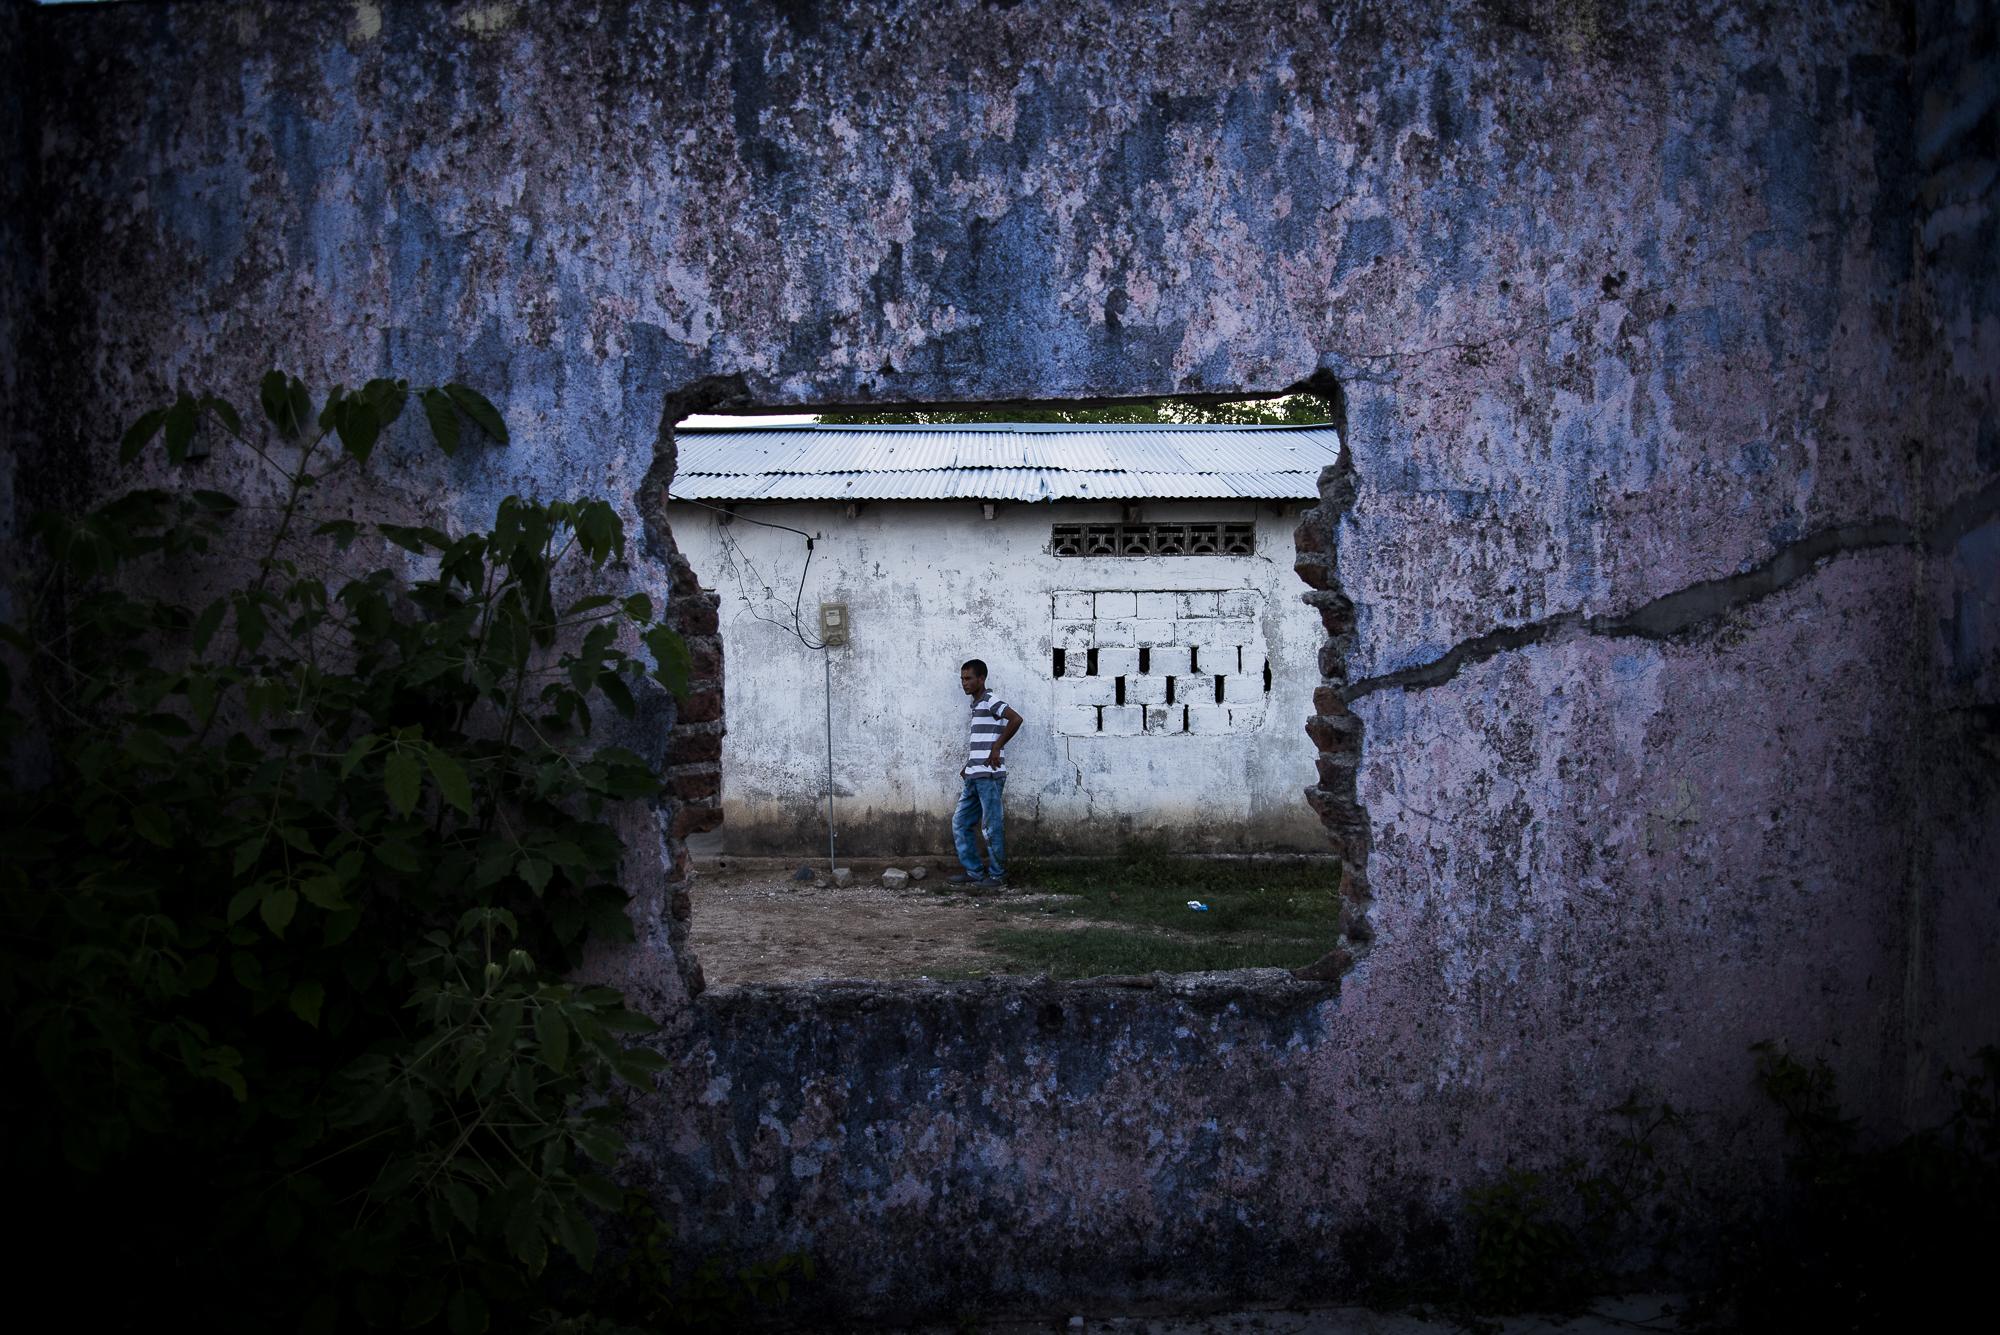 Bellavista no tiene habitantes sino sobrevivientes. Entre 1983 y 2011 sufrieron 8 ataques armados. Hoy son cerca de 332 personas y 98 familias retornadas tras 18 años de gritos compasivos, tiros de gracia y descuartizados en la acera.